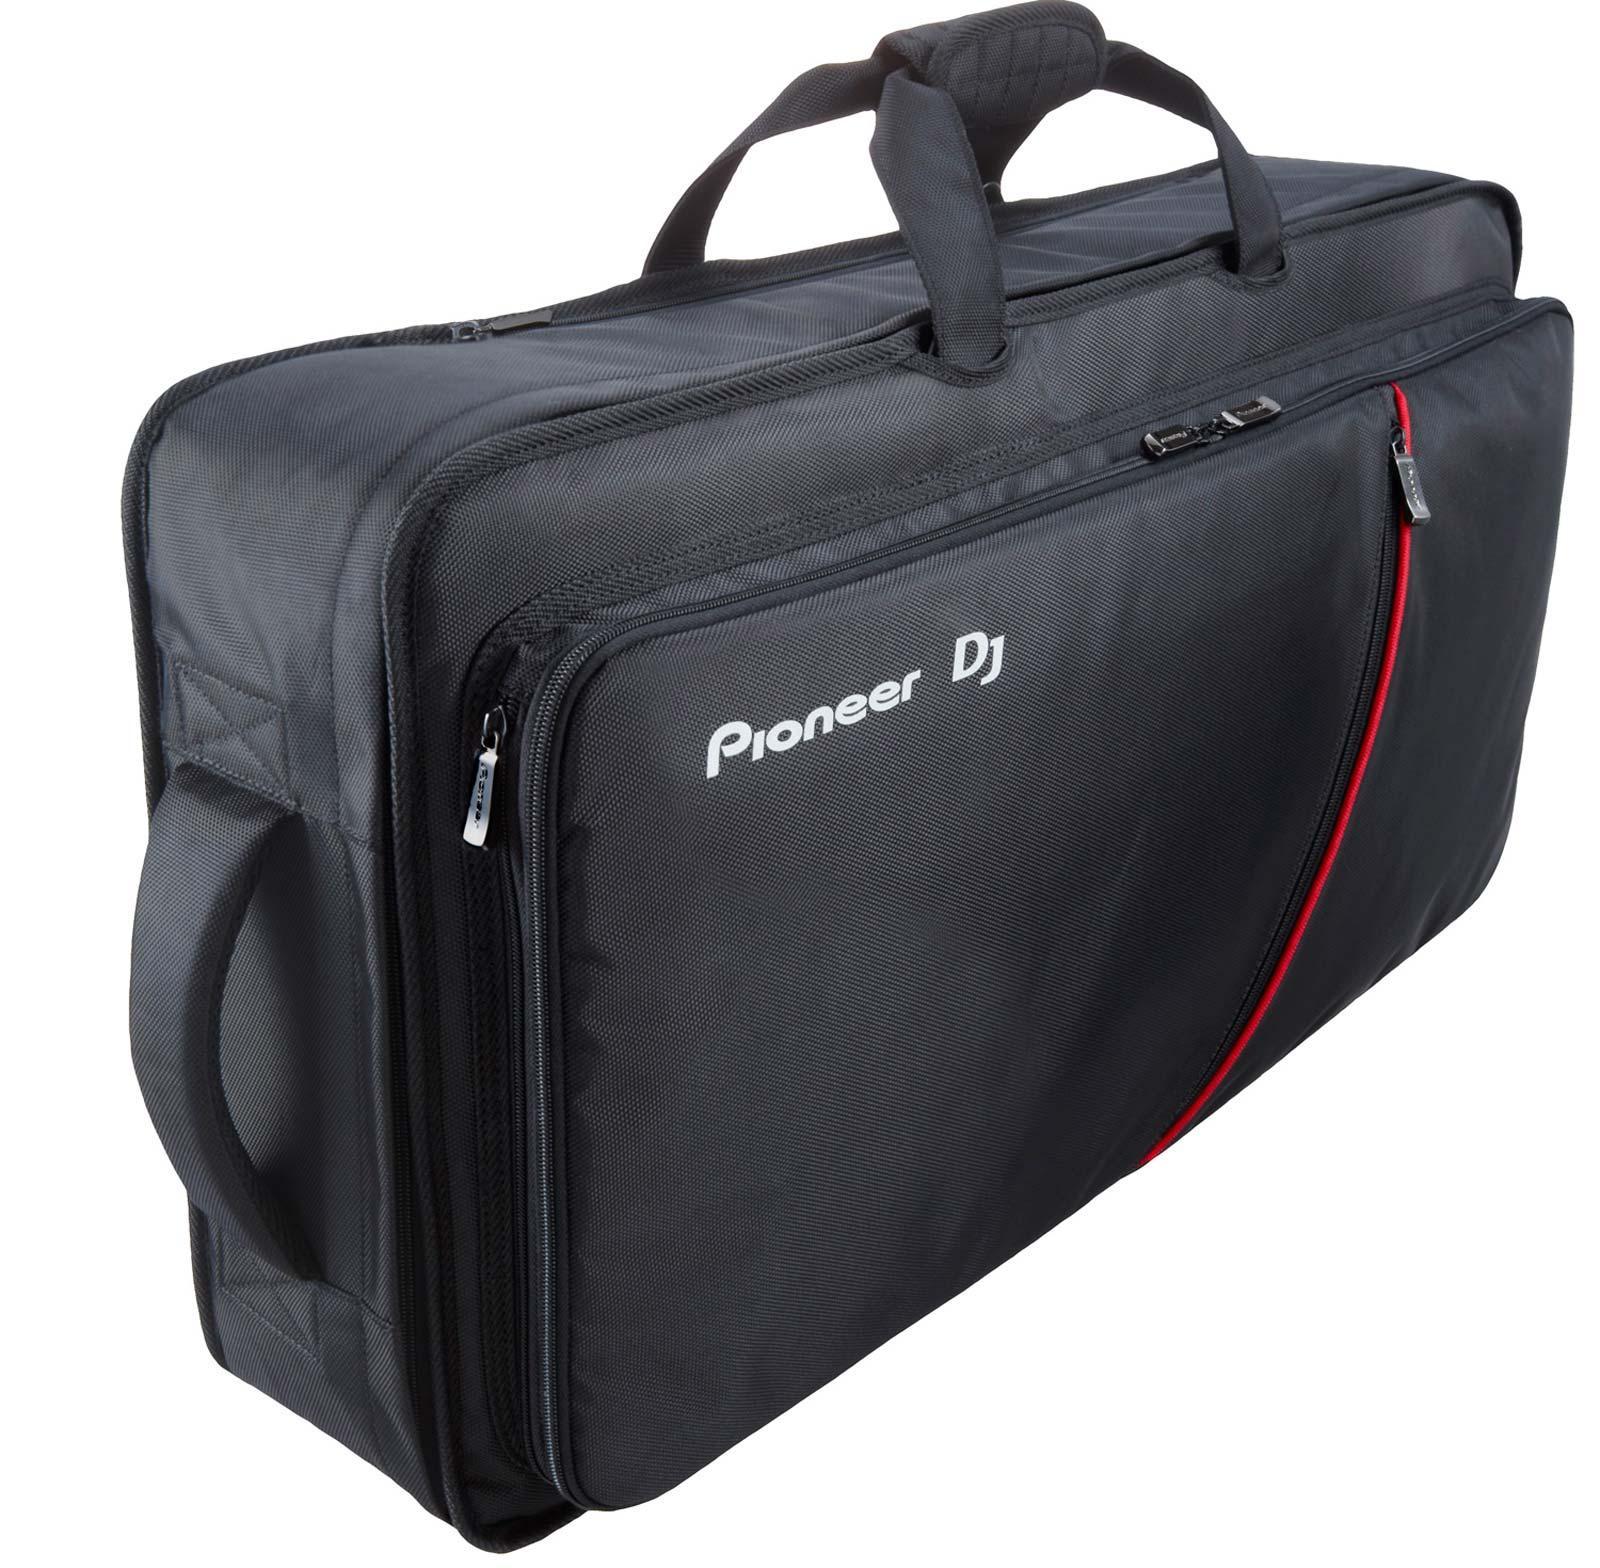 pioneer djc sc5 soft case bag backpack for ddj sx ddj t1 ddj s1 agiprodj. Black Bedroom Furniture Sets. Home Design Ideas